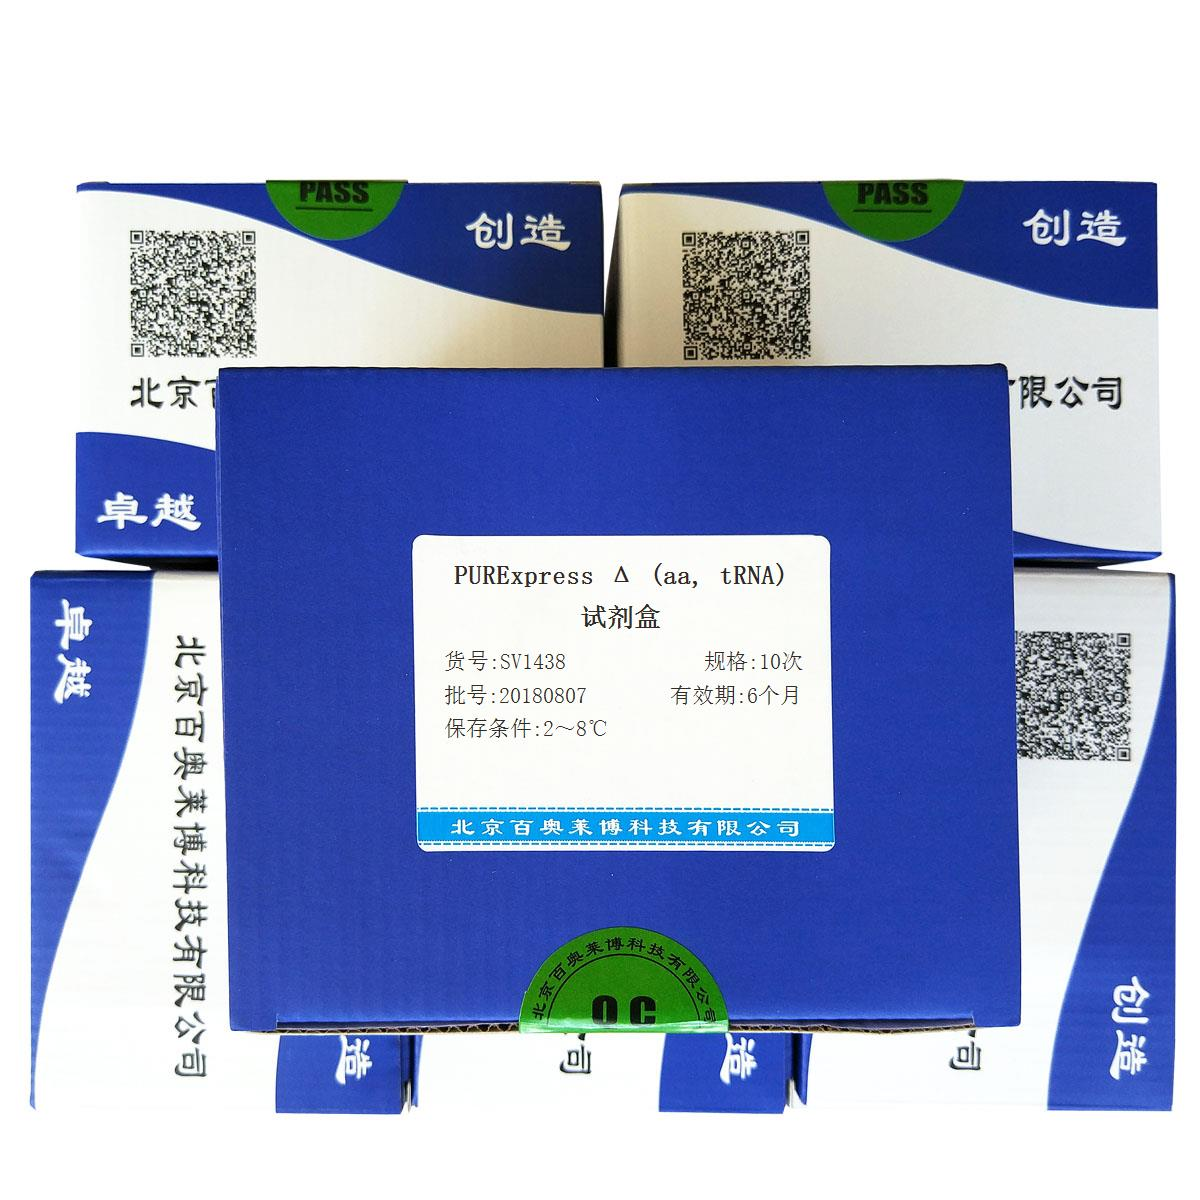 PURExpress Δ (aa, tRNA) 试剂盒